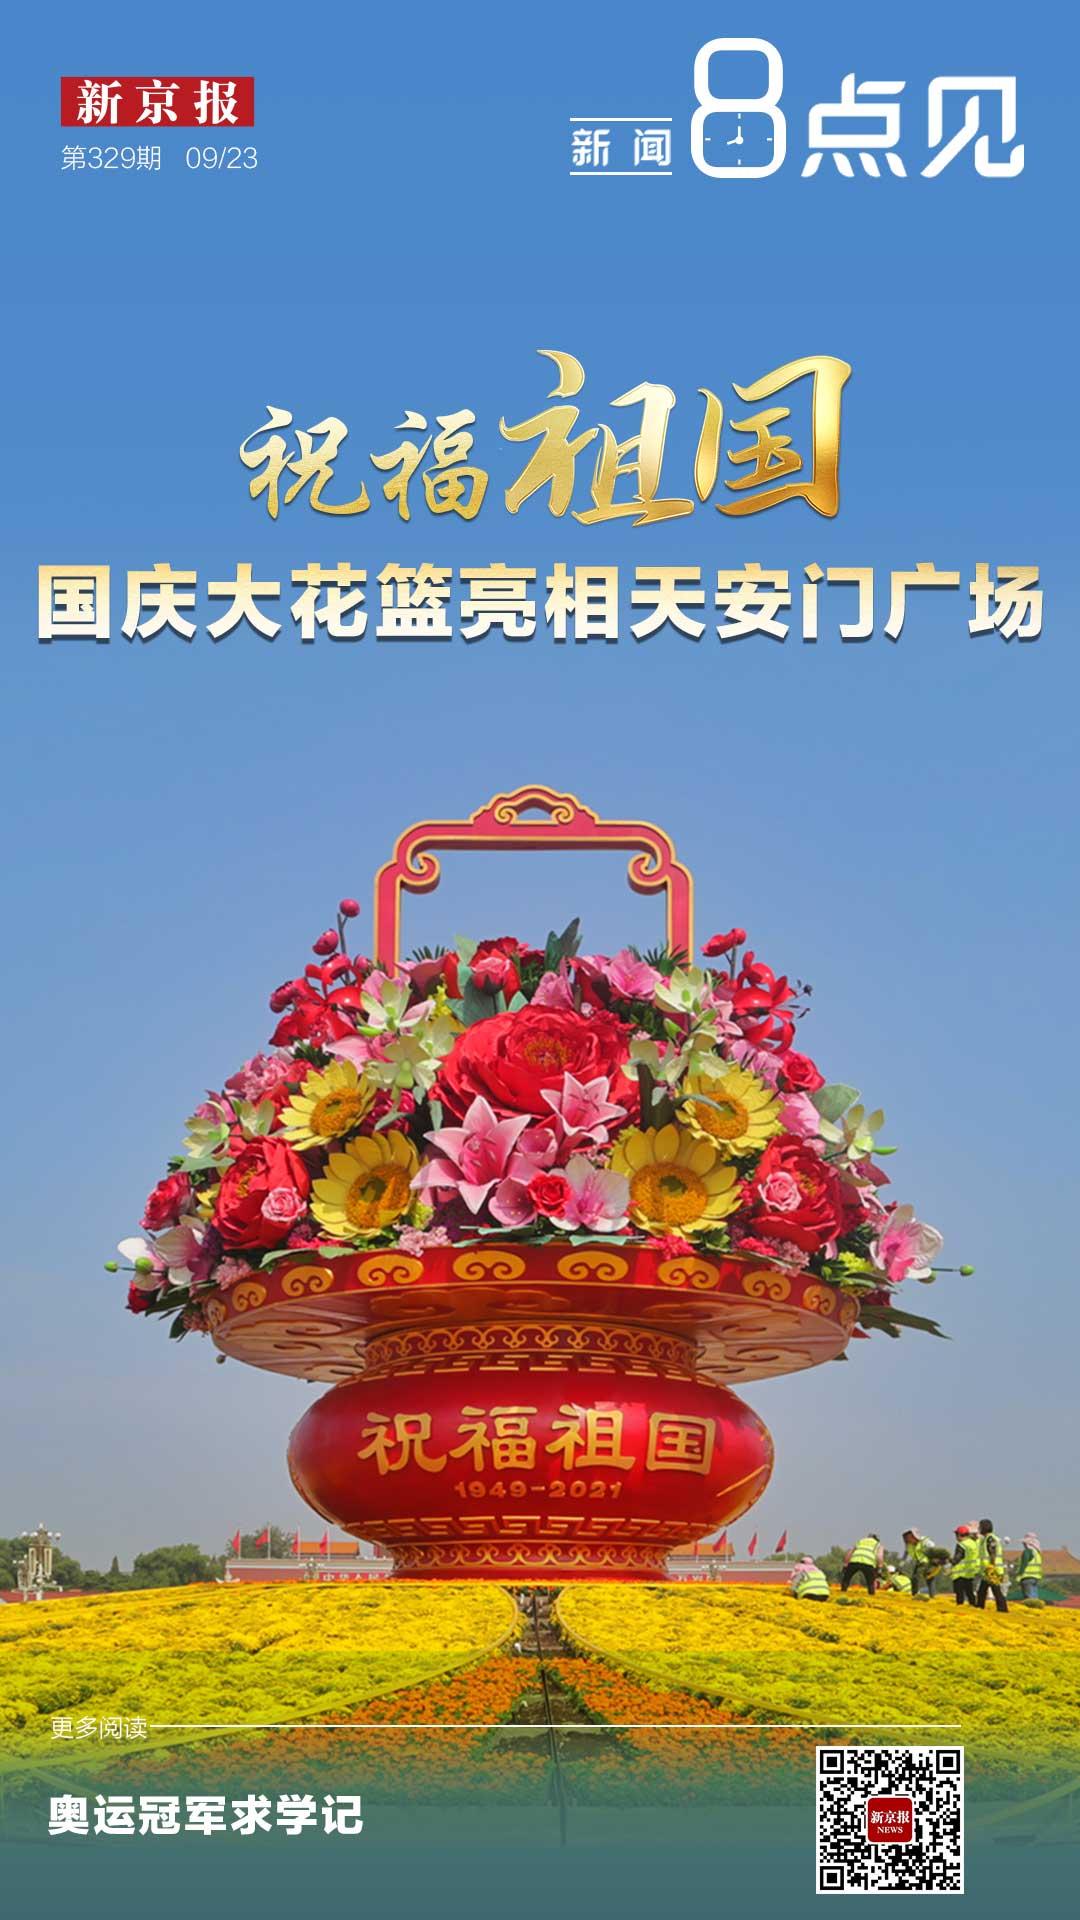 新闻8点见丨祝福祖国!国庆大花篮亮相天安门广场